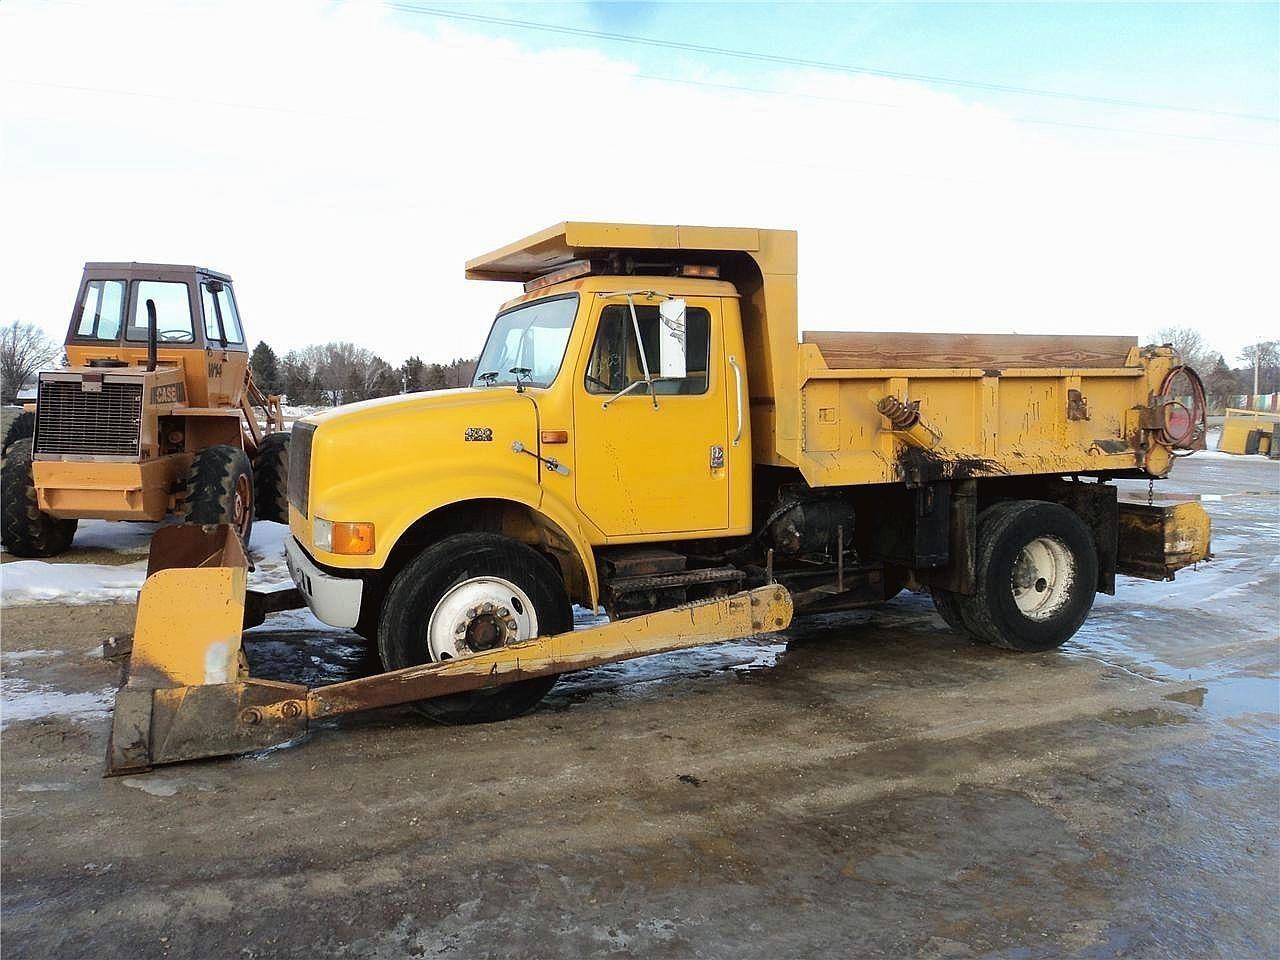 1996 International 4700 Semi Truck